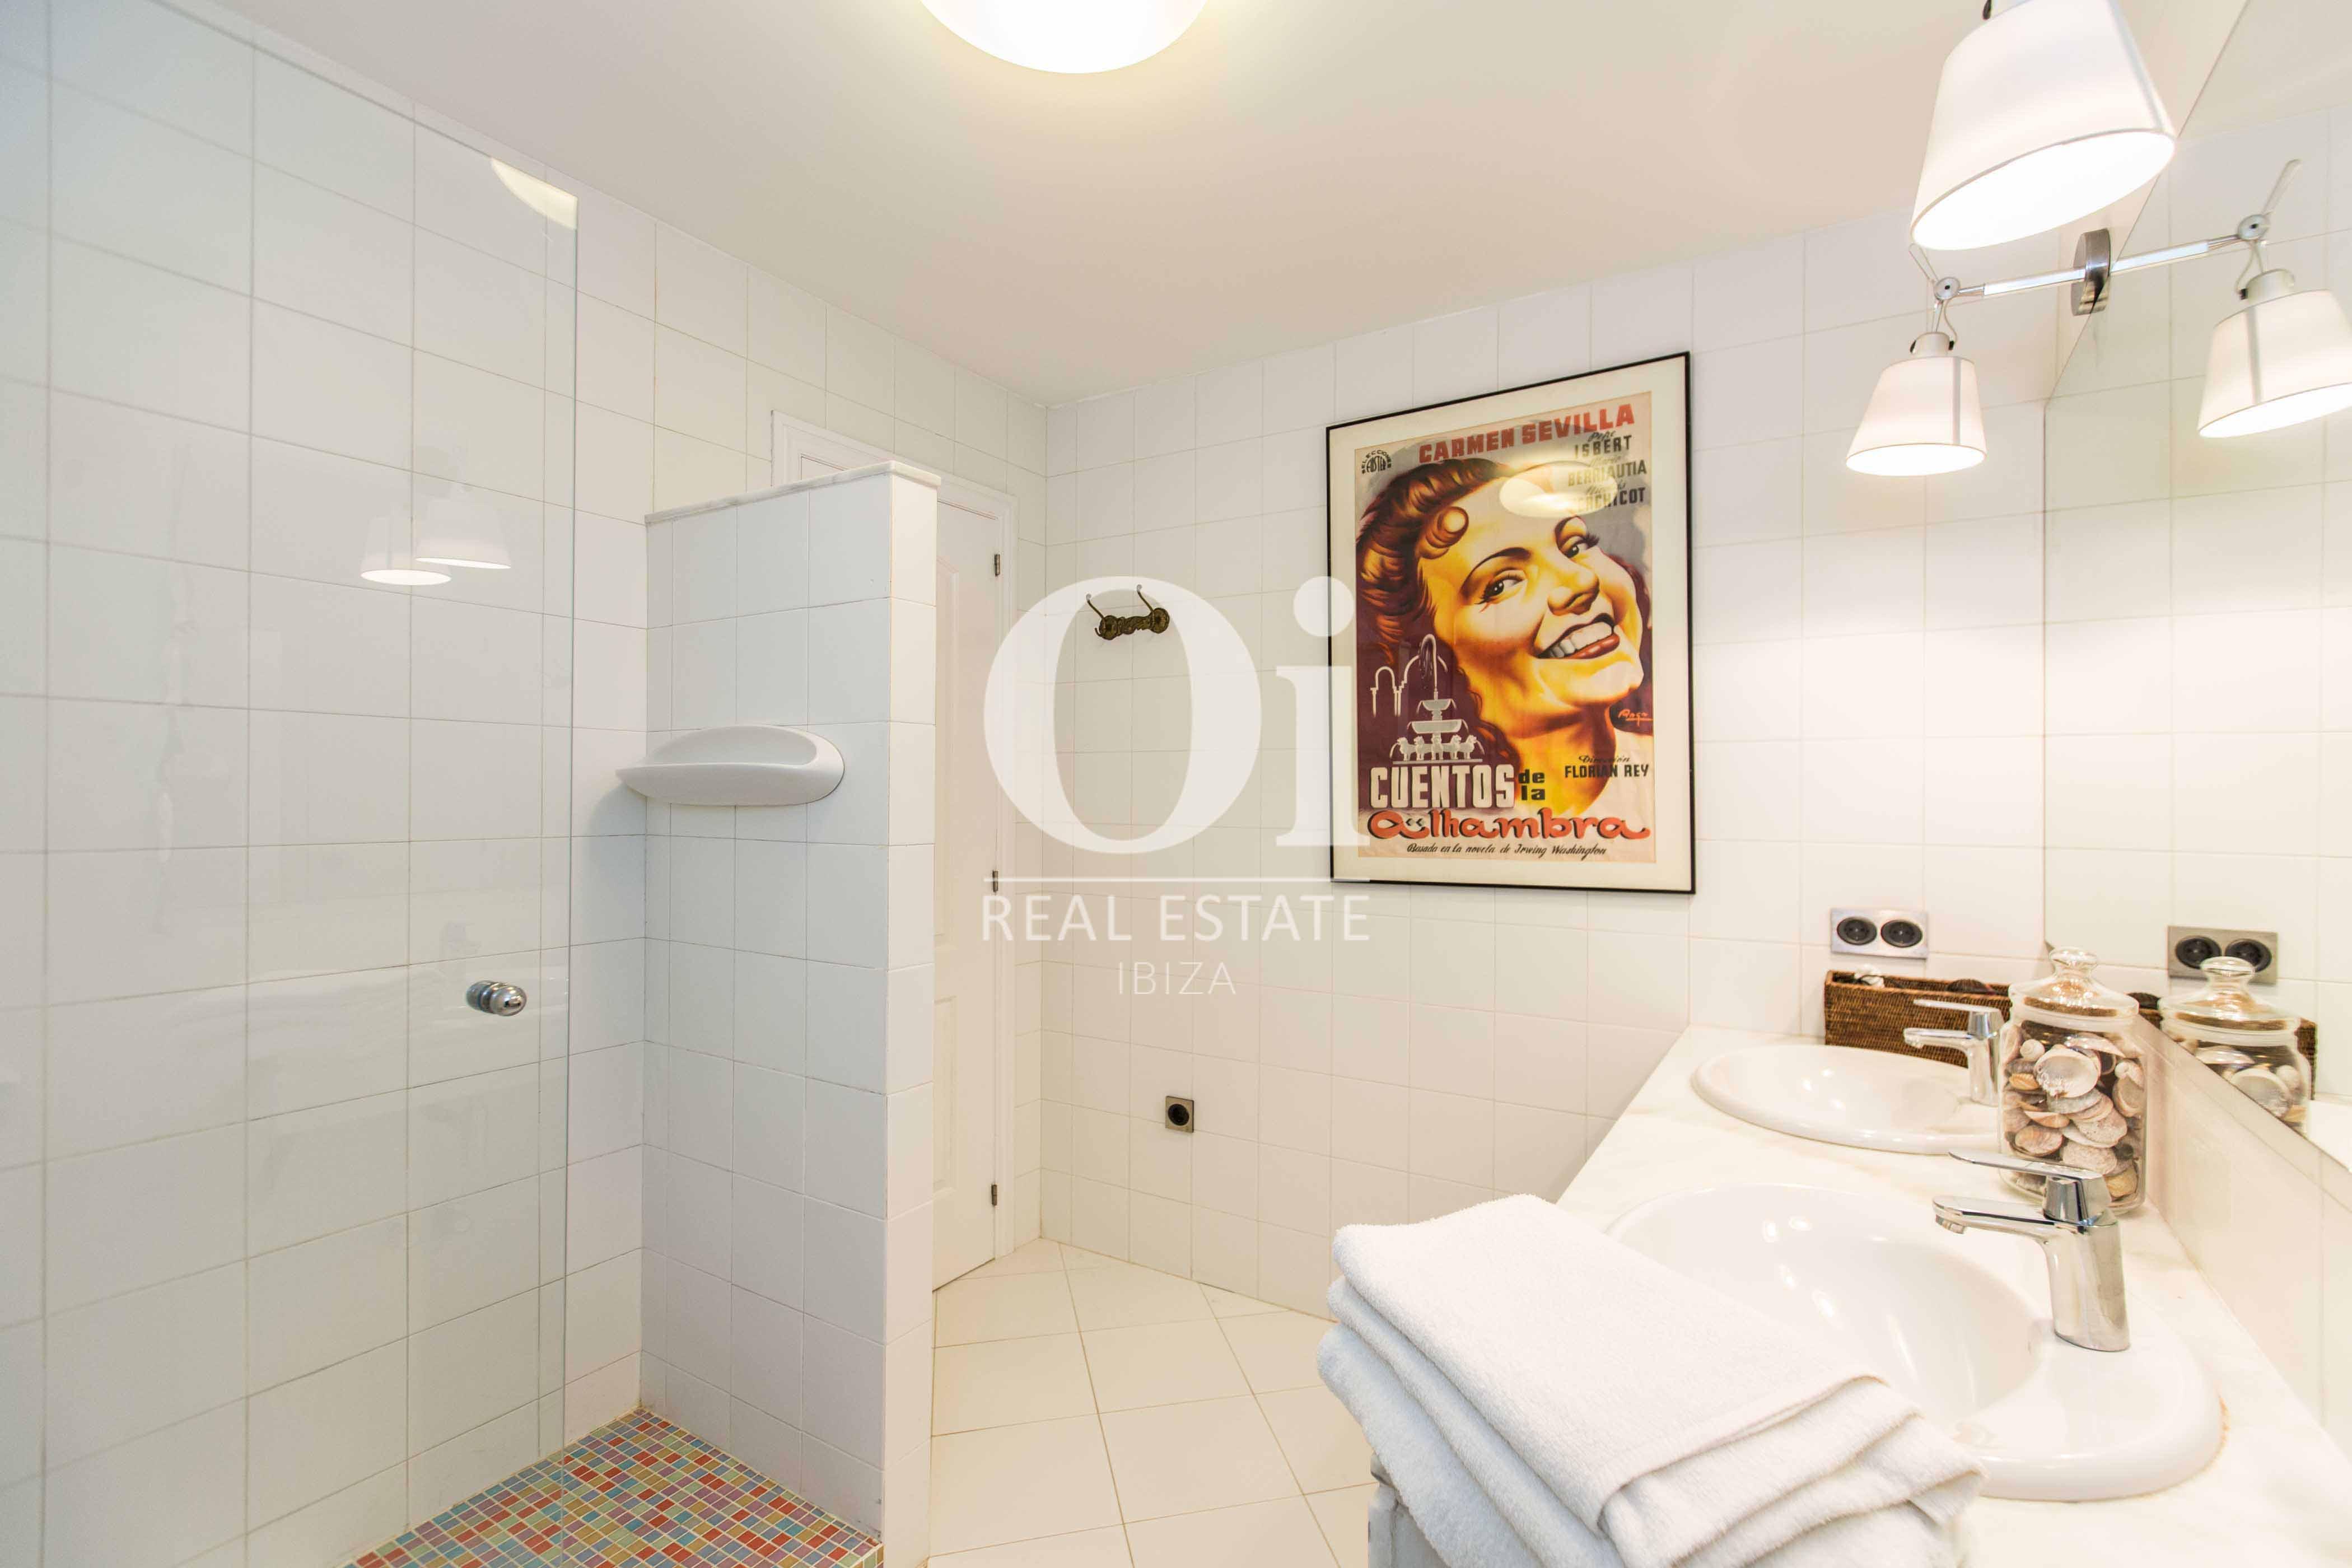 Salle de bain de maison pour séjour en location à Roca Llisa, Ibiza